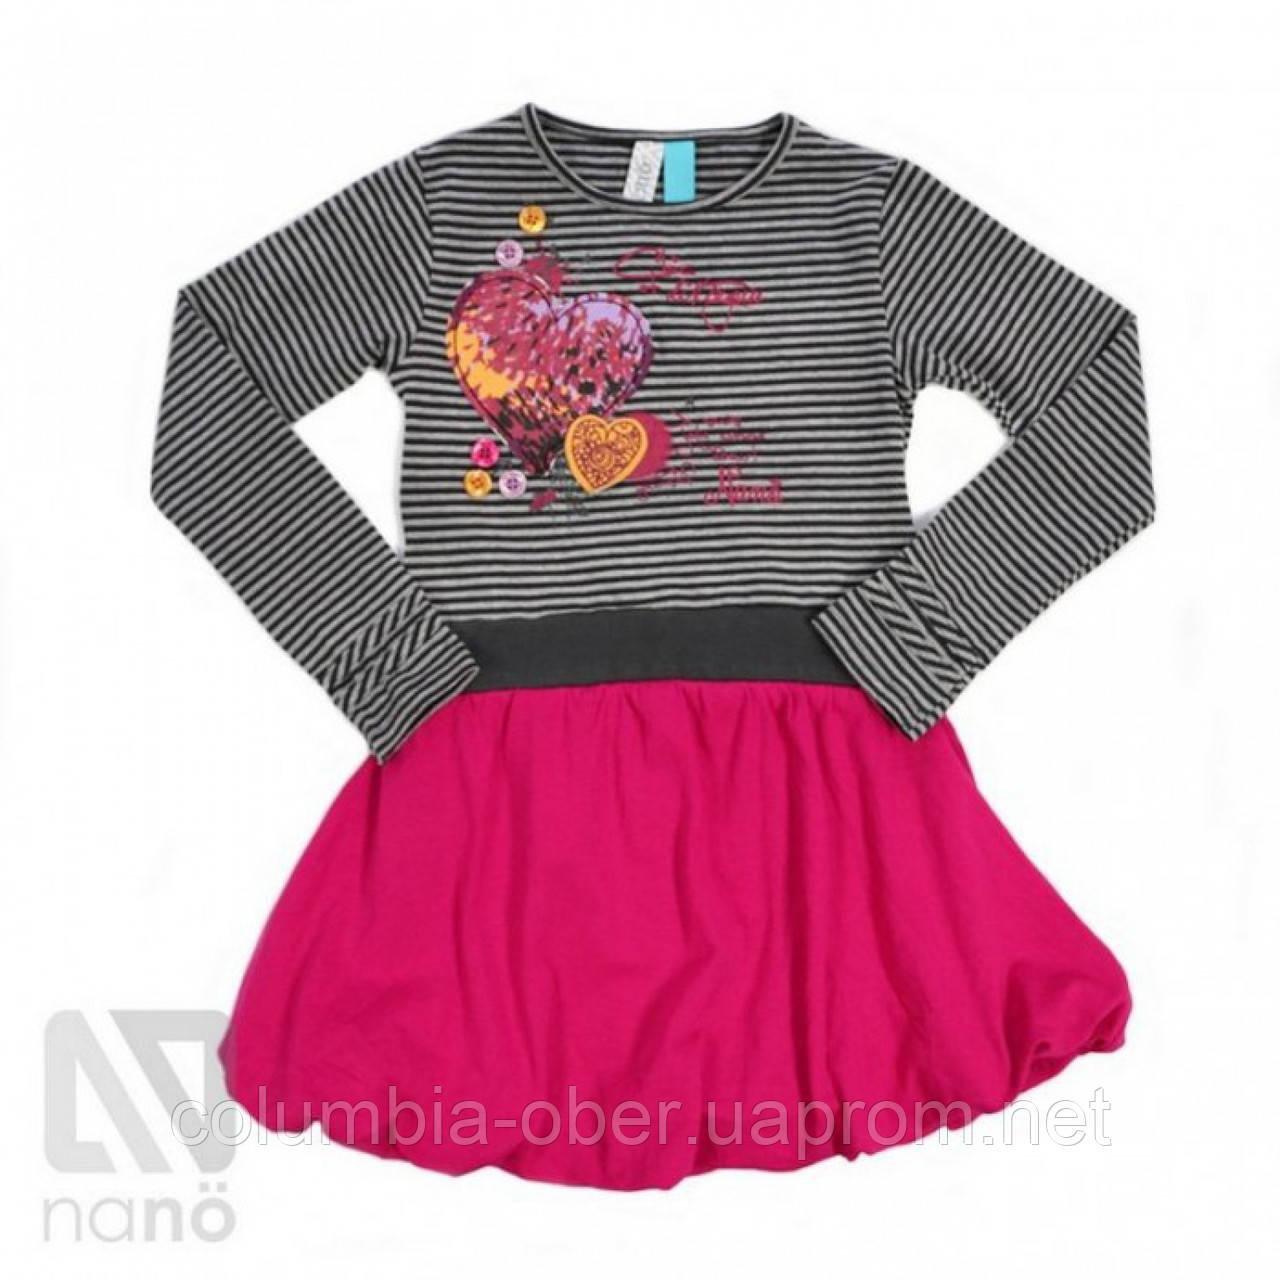 Платье для девочки Nano F1402-11 Lollipop. Размеры 75-135.